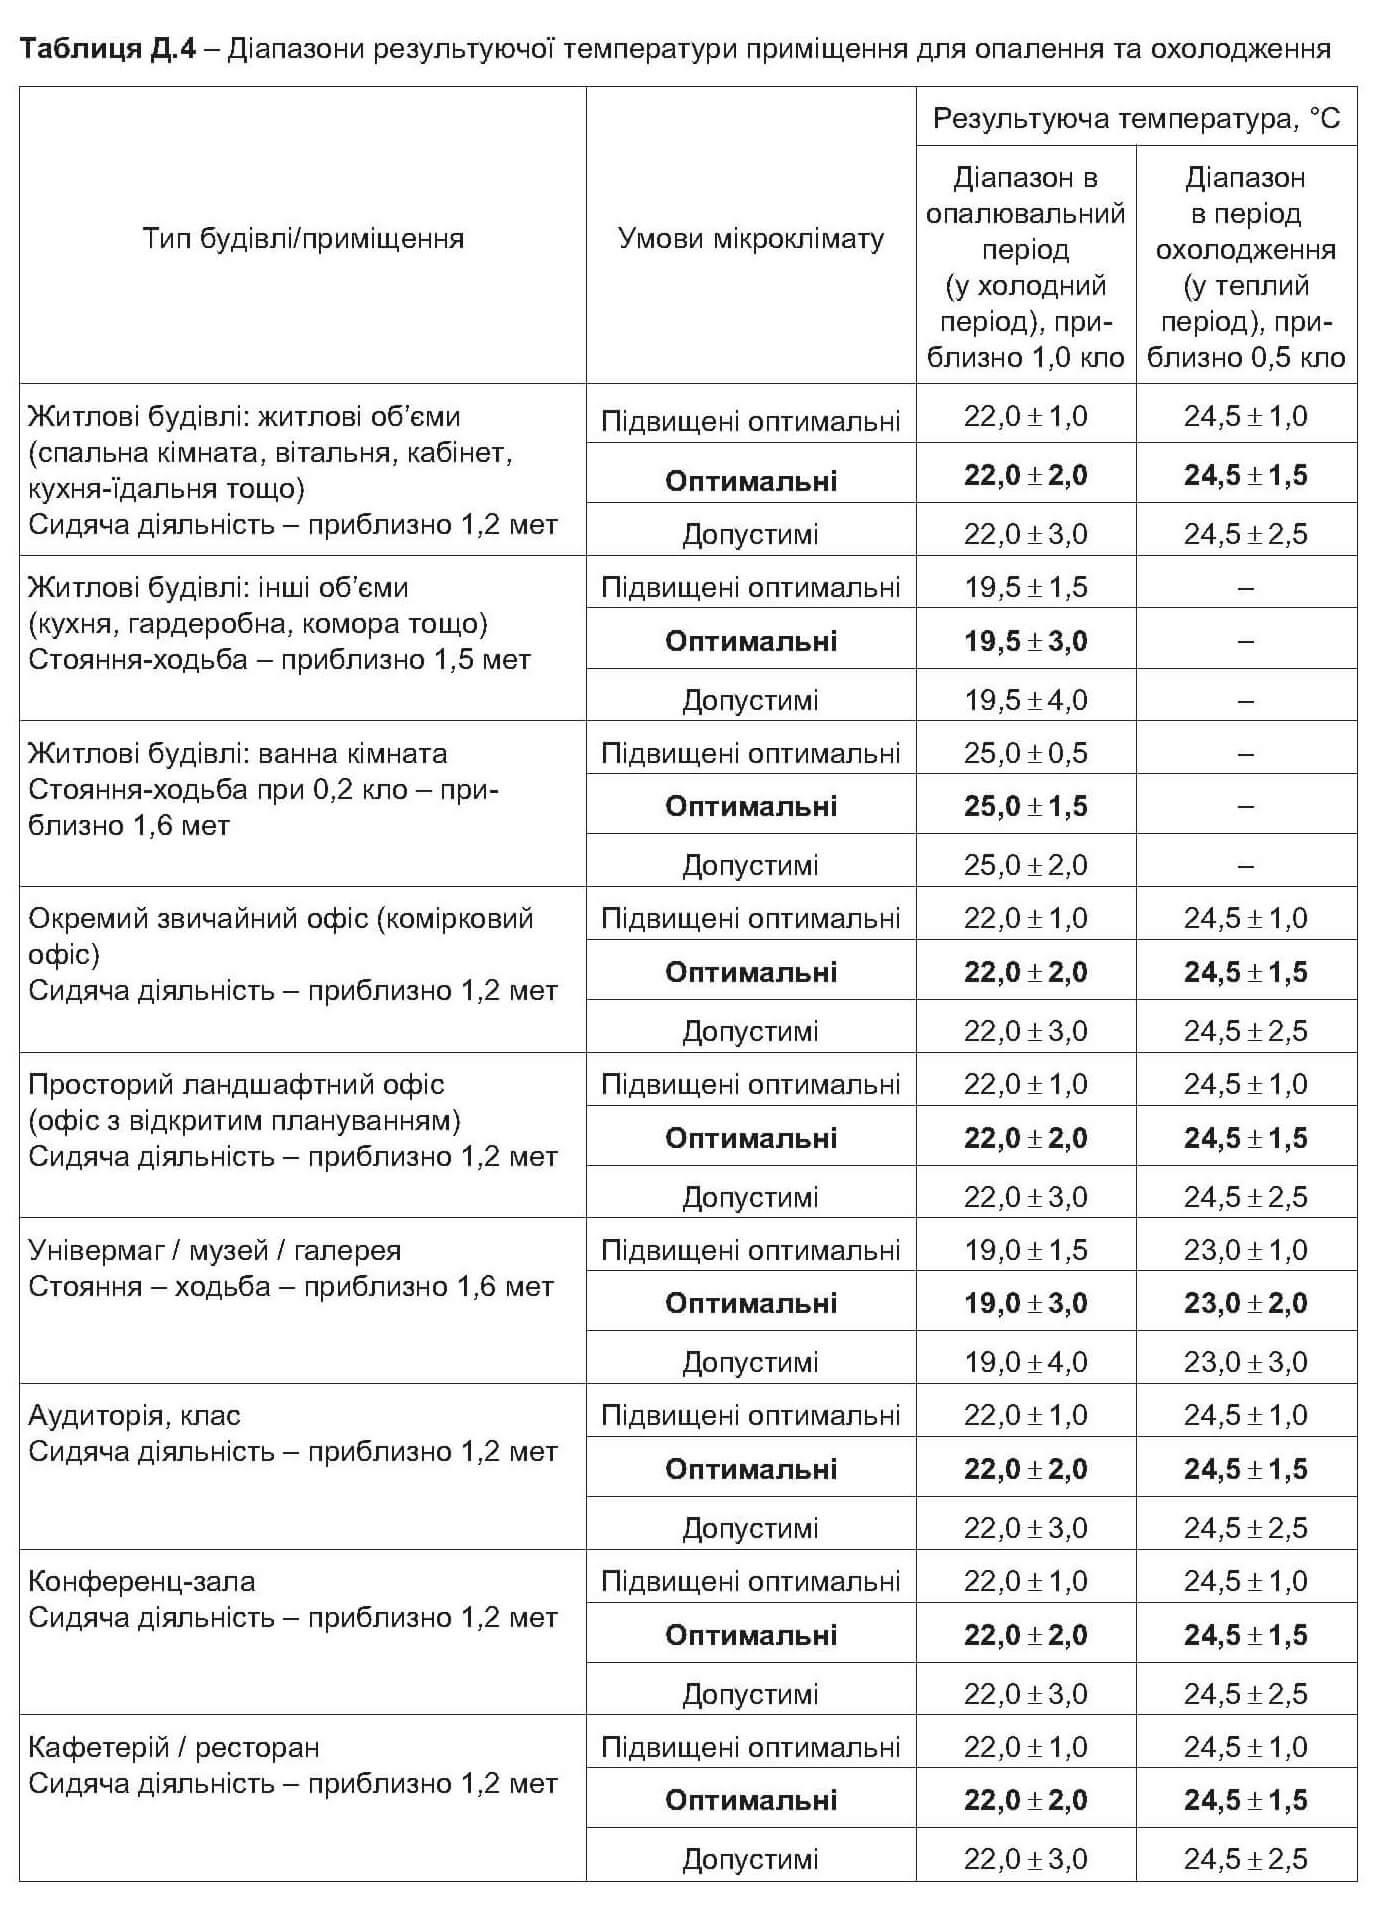 Температури в приміщенні згідно ДБН В.2.5-67:2013 .